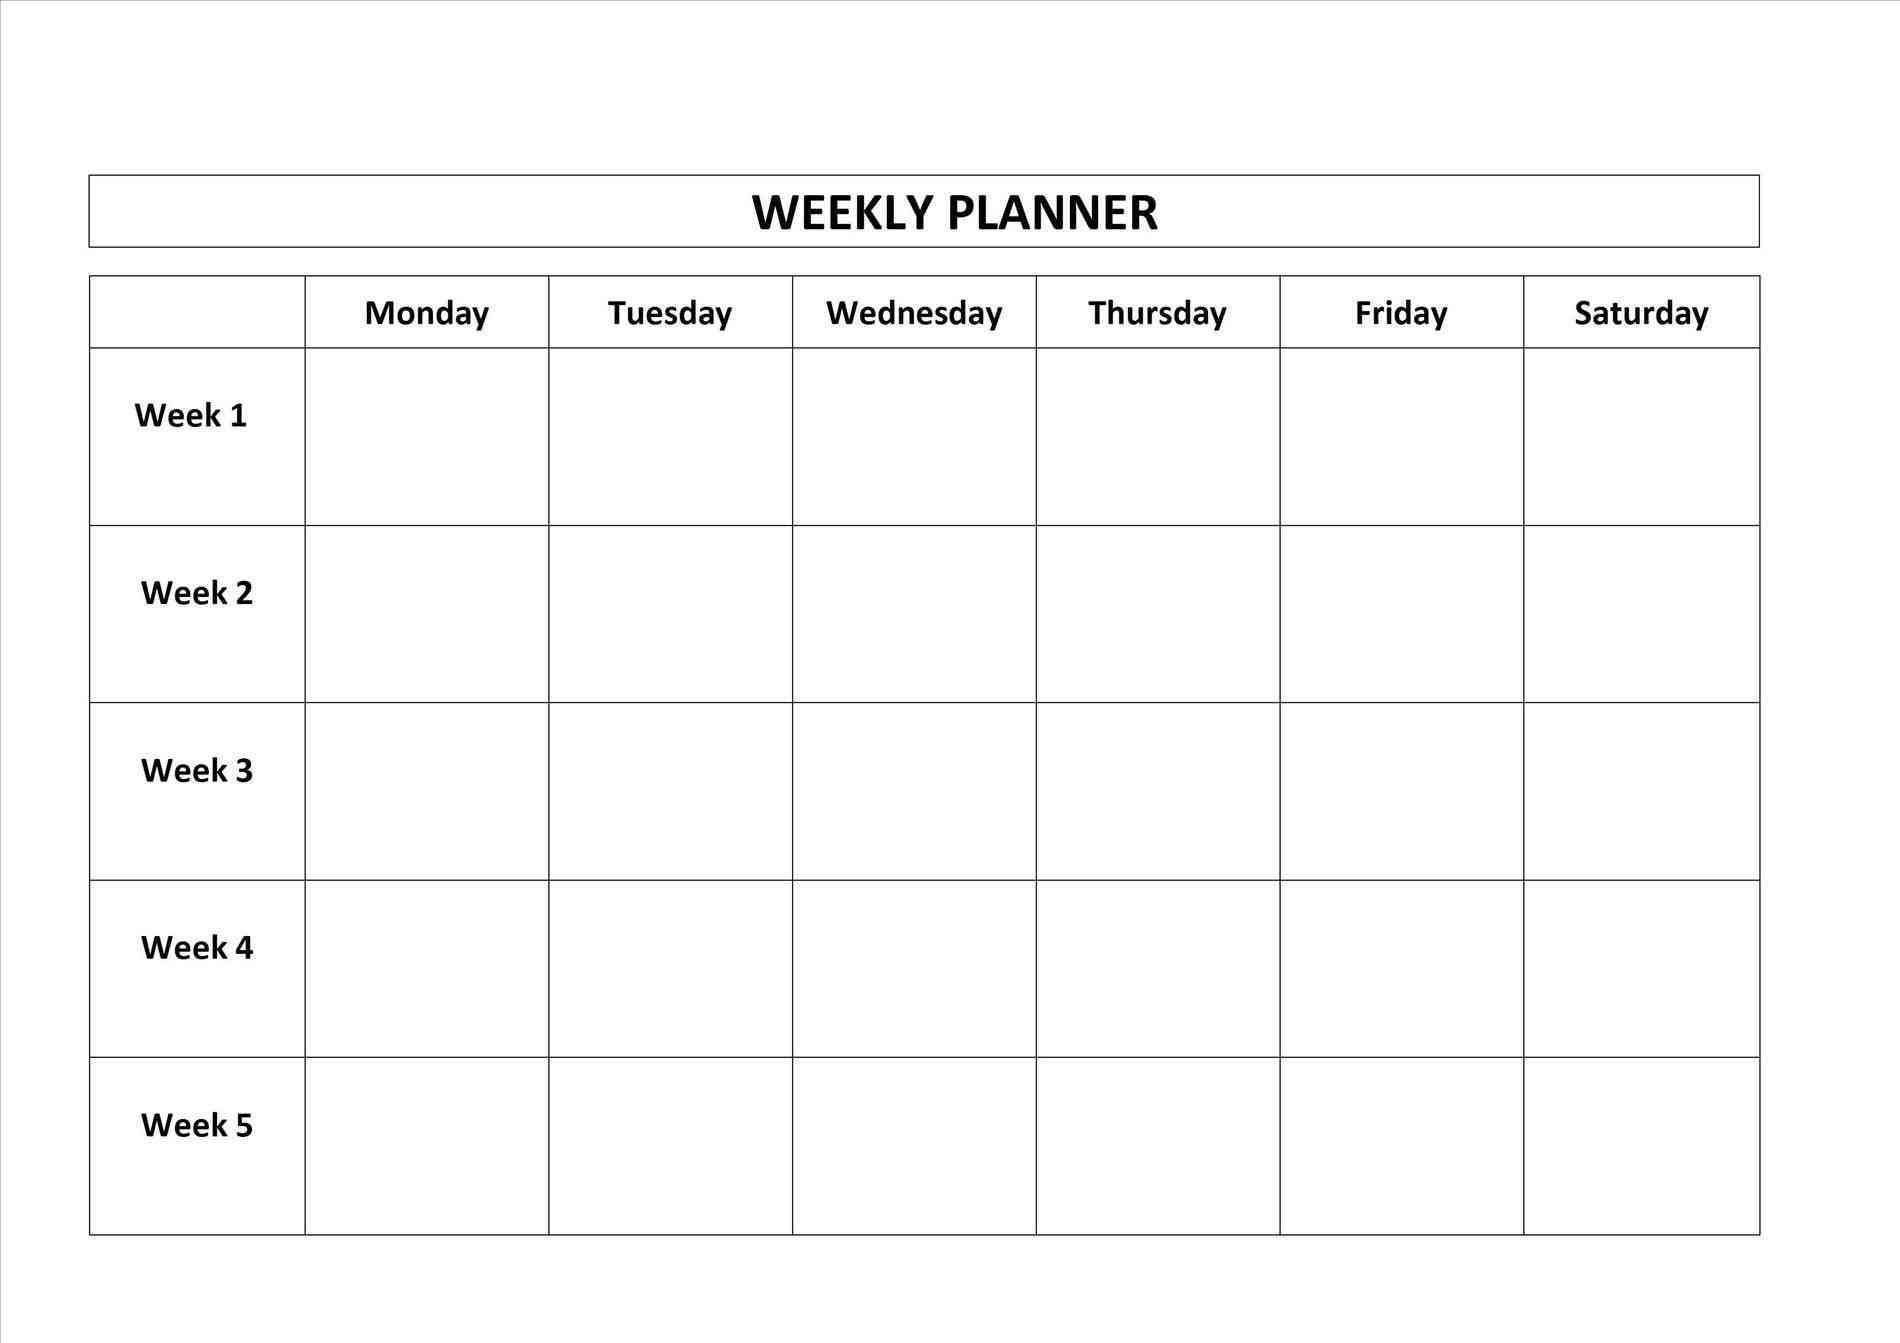 Monday To Friday Blank Calendar | Calendar Template Printable in Sunday Through Monday Blank Calendar